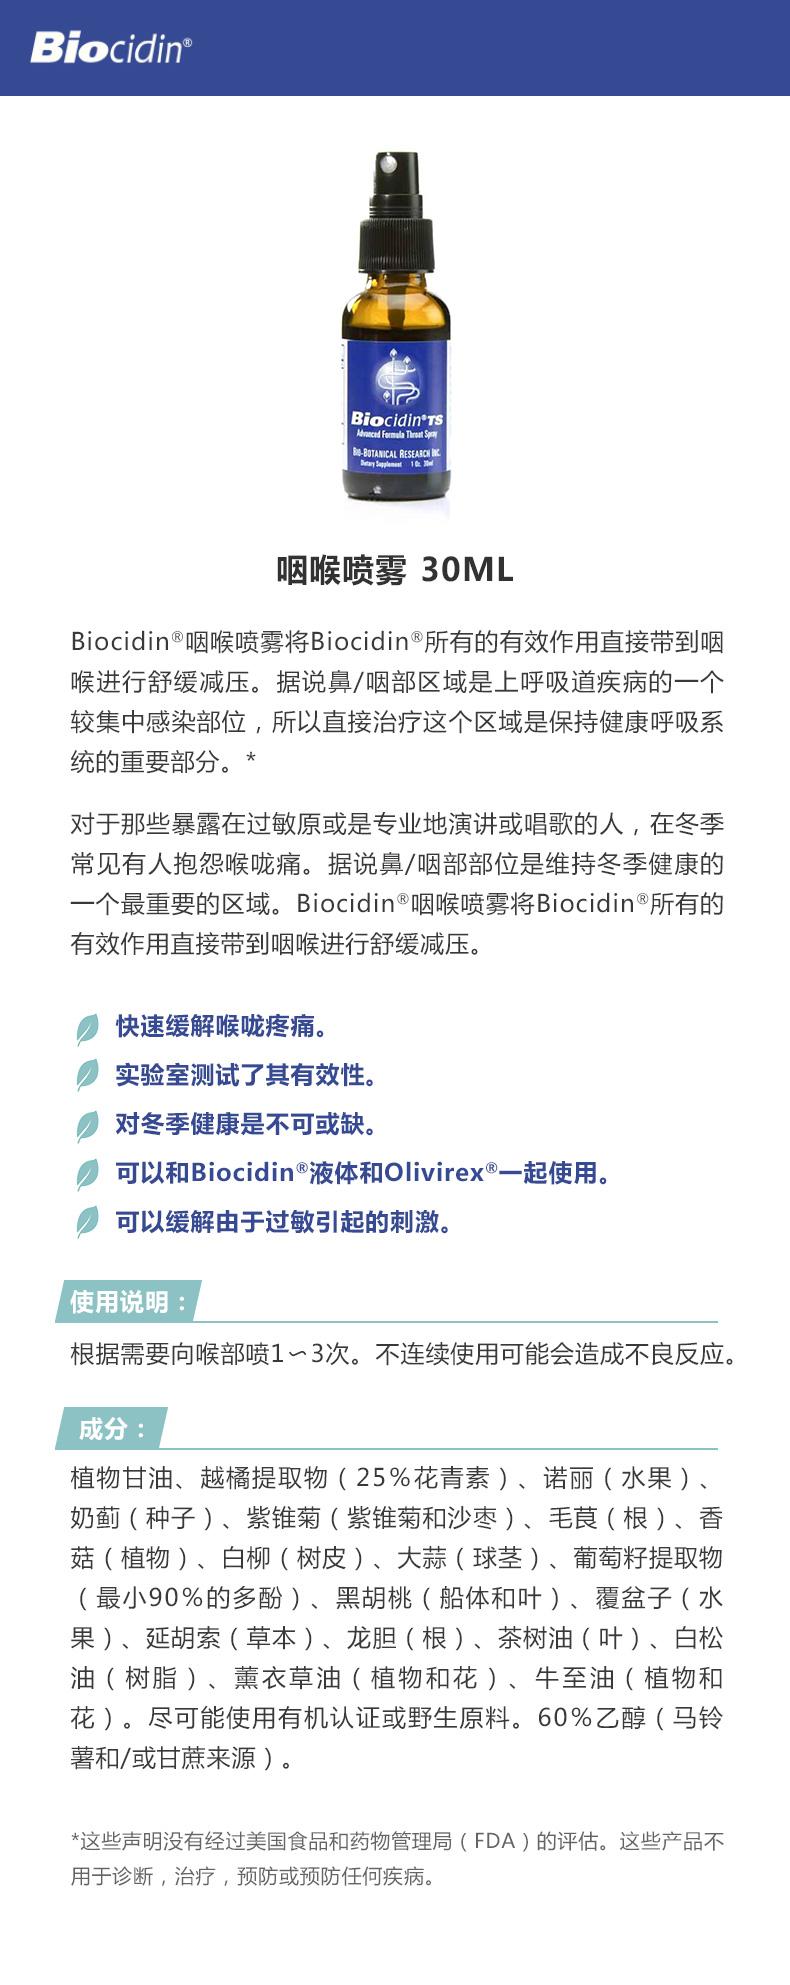 Biocidin®咽喉喷雾.jpg